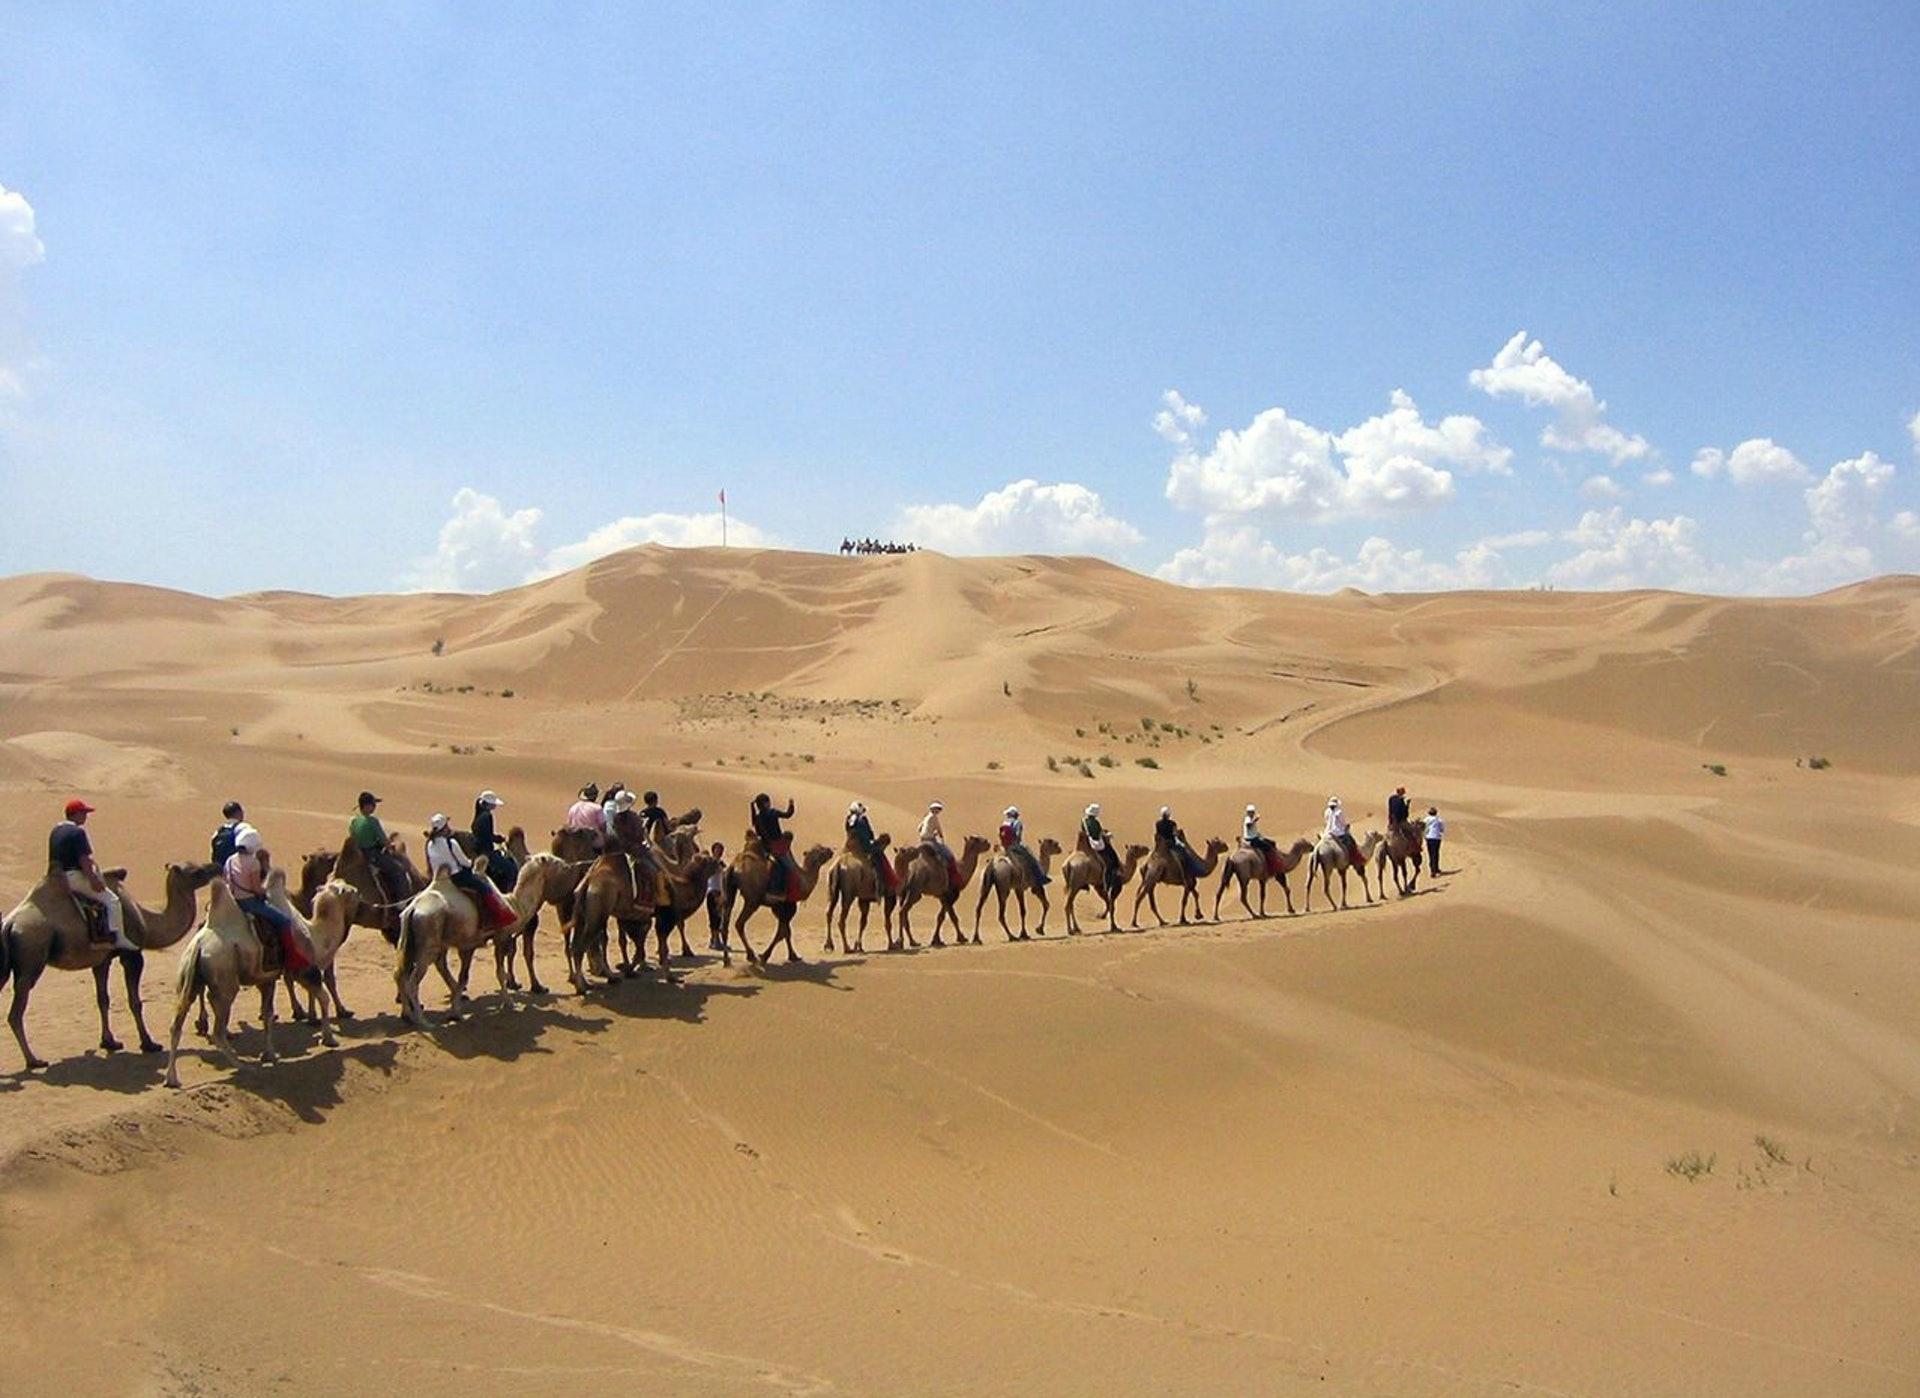 紐時報道稱,政府正在將沙漠中的農牧民外移,但很難證明此舉有助於控制沙漠化。(新華網資料圖)